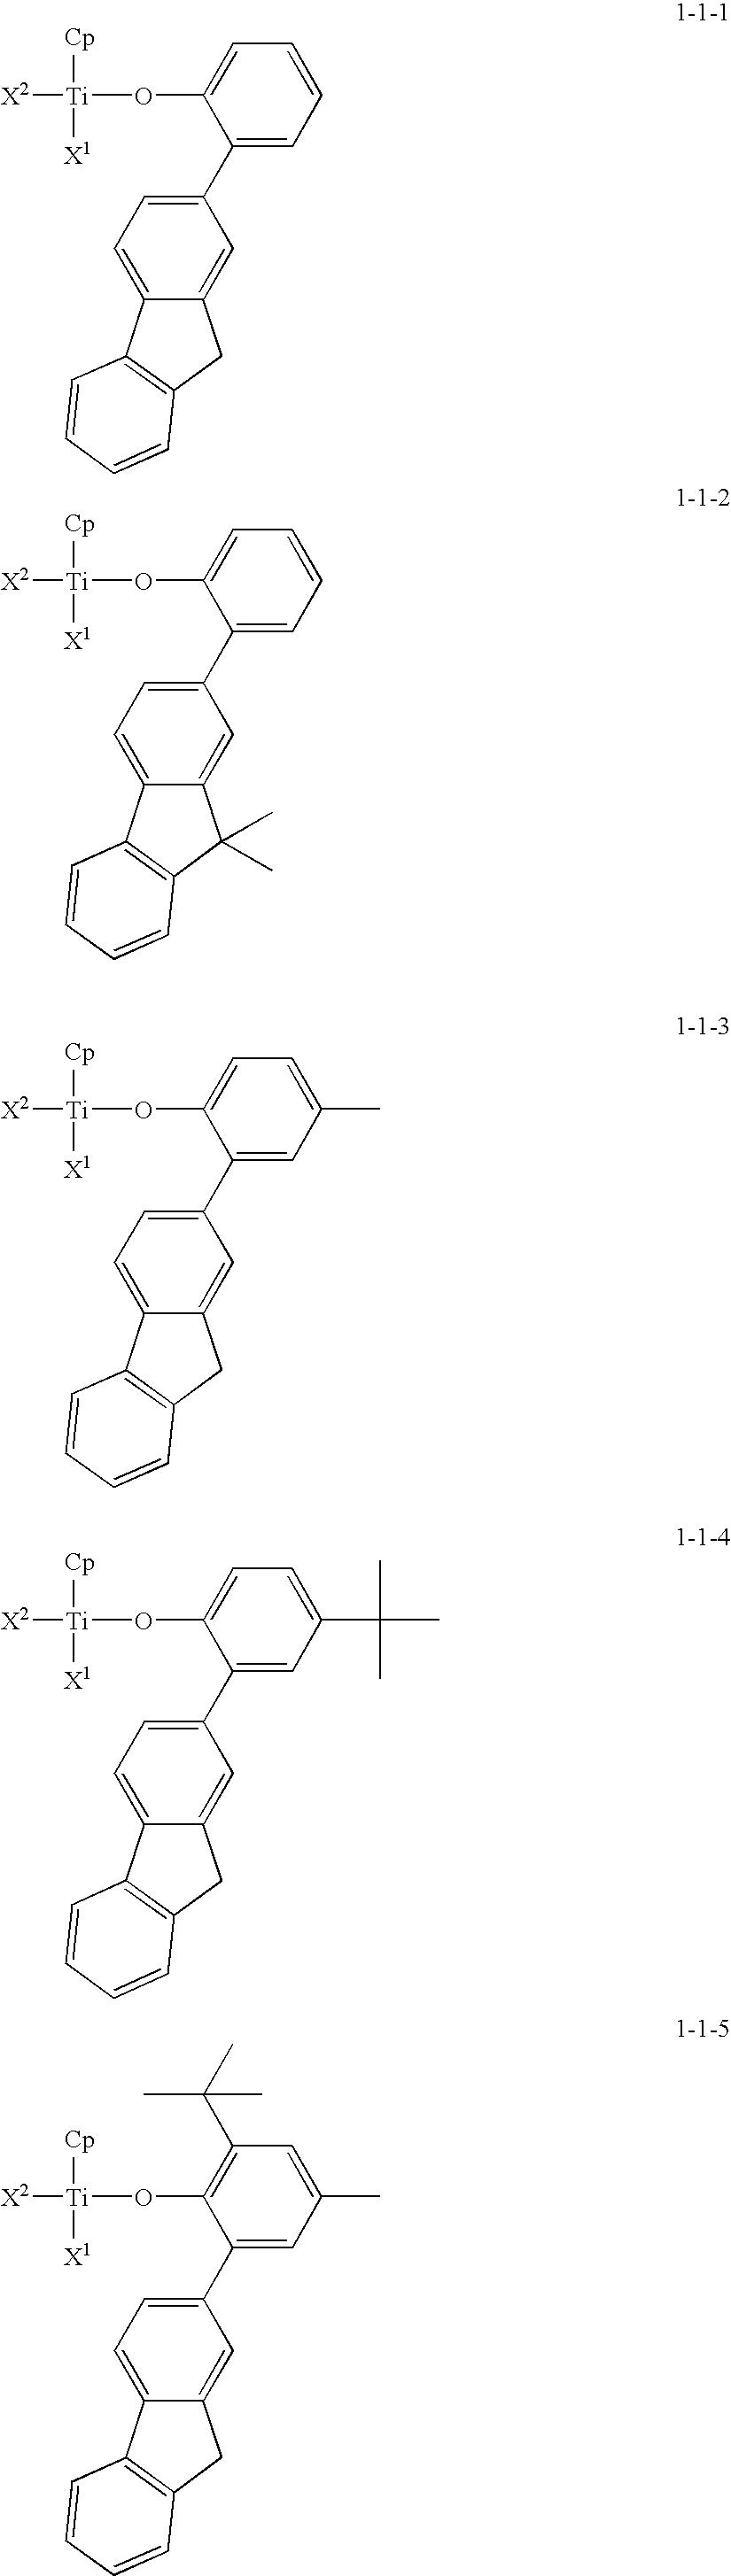 Figure US20100081776A1-20100401-C00026